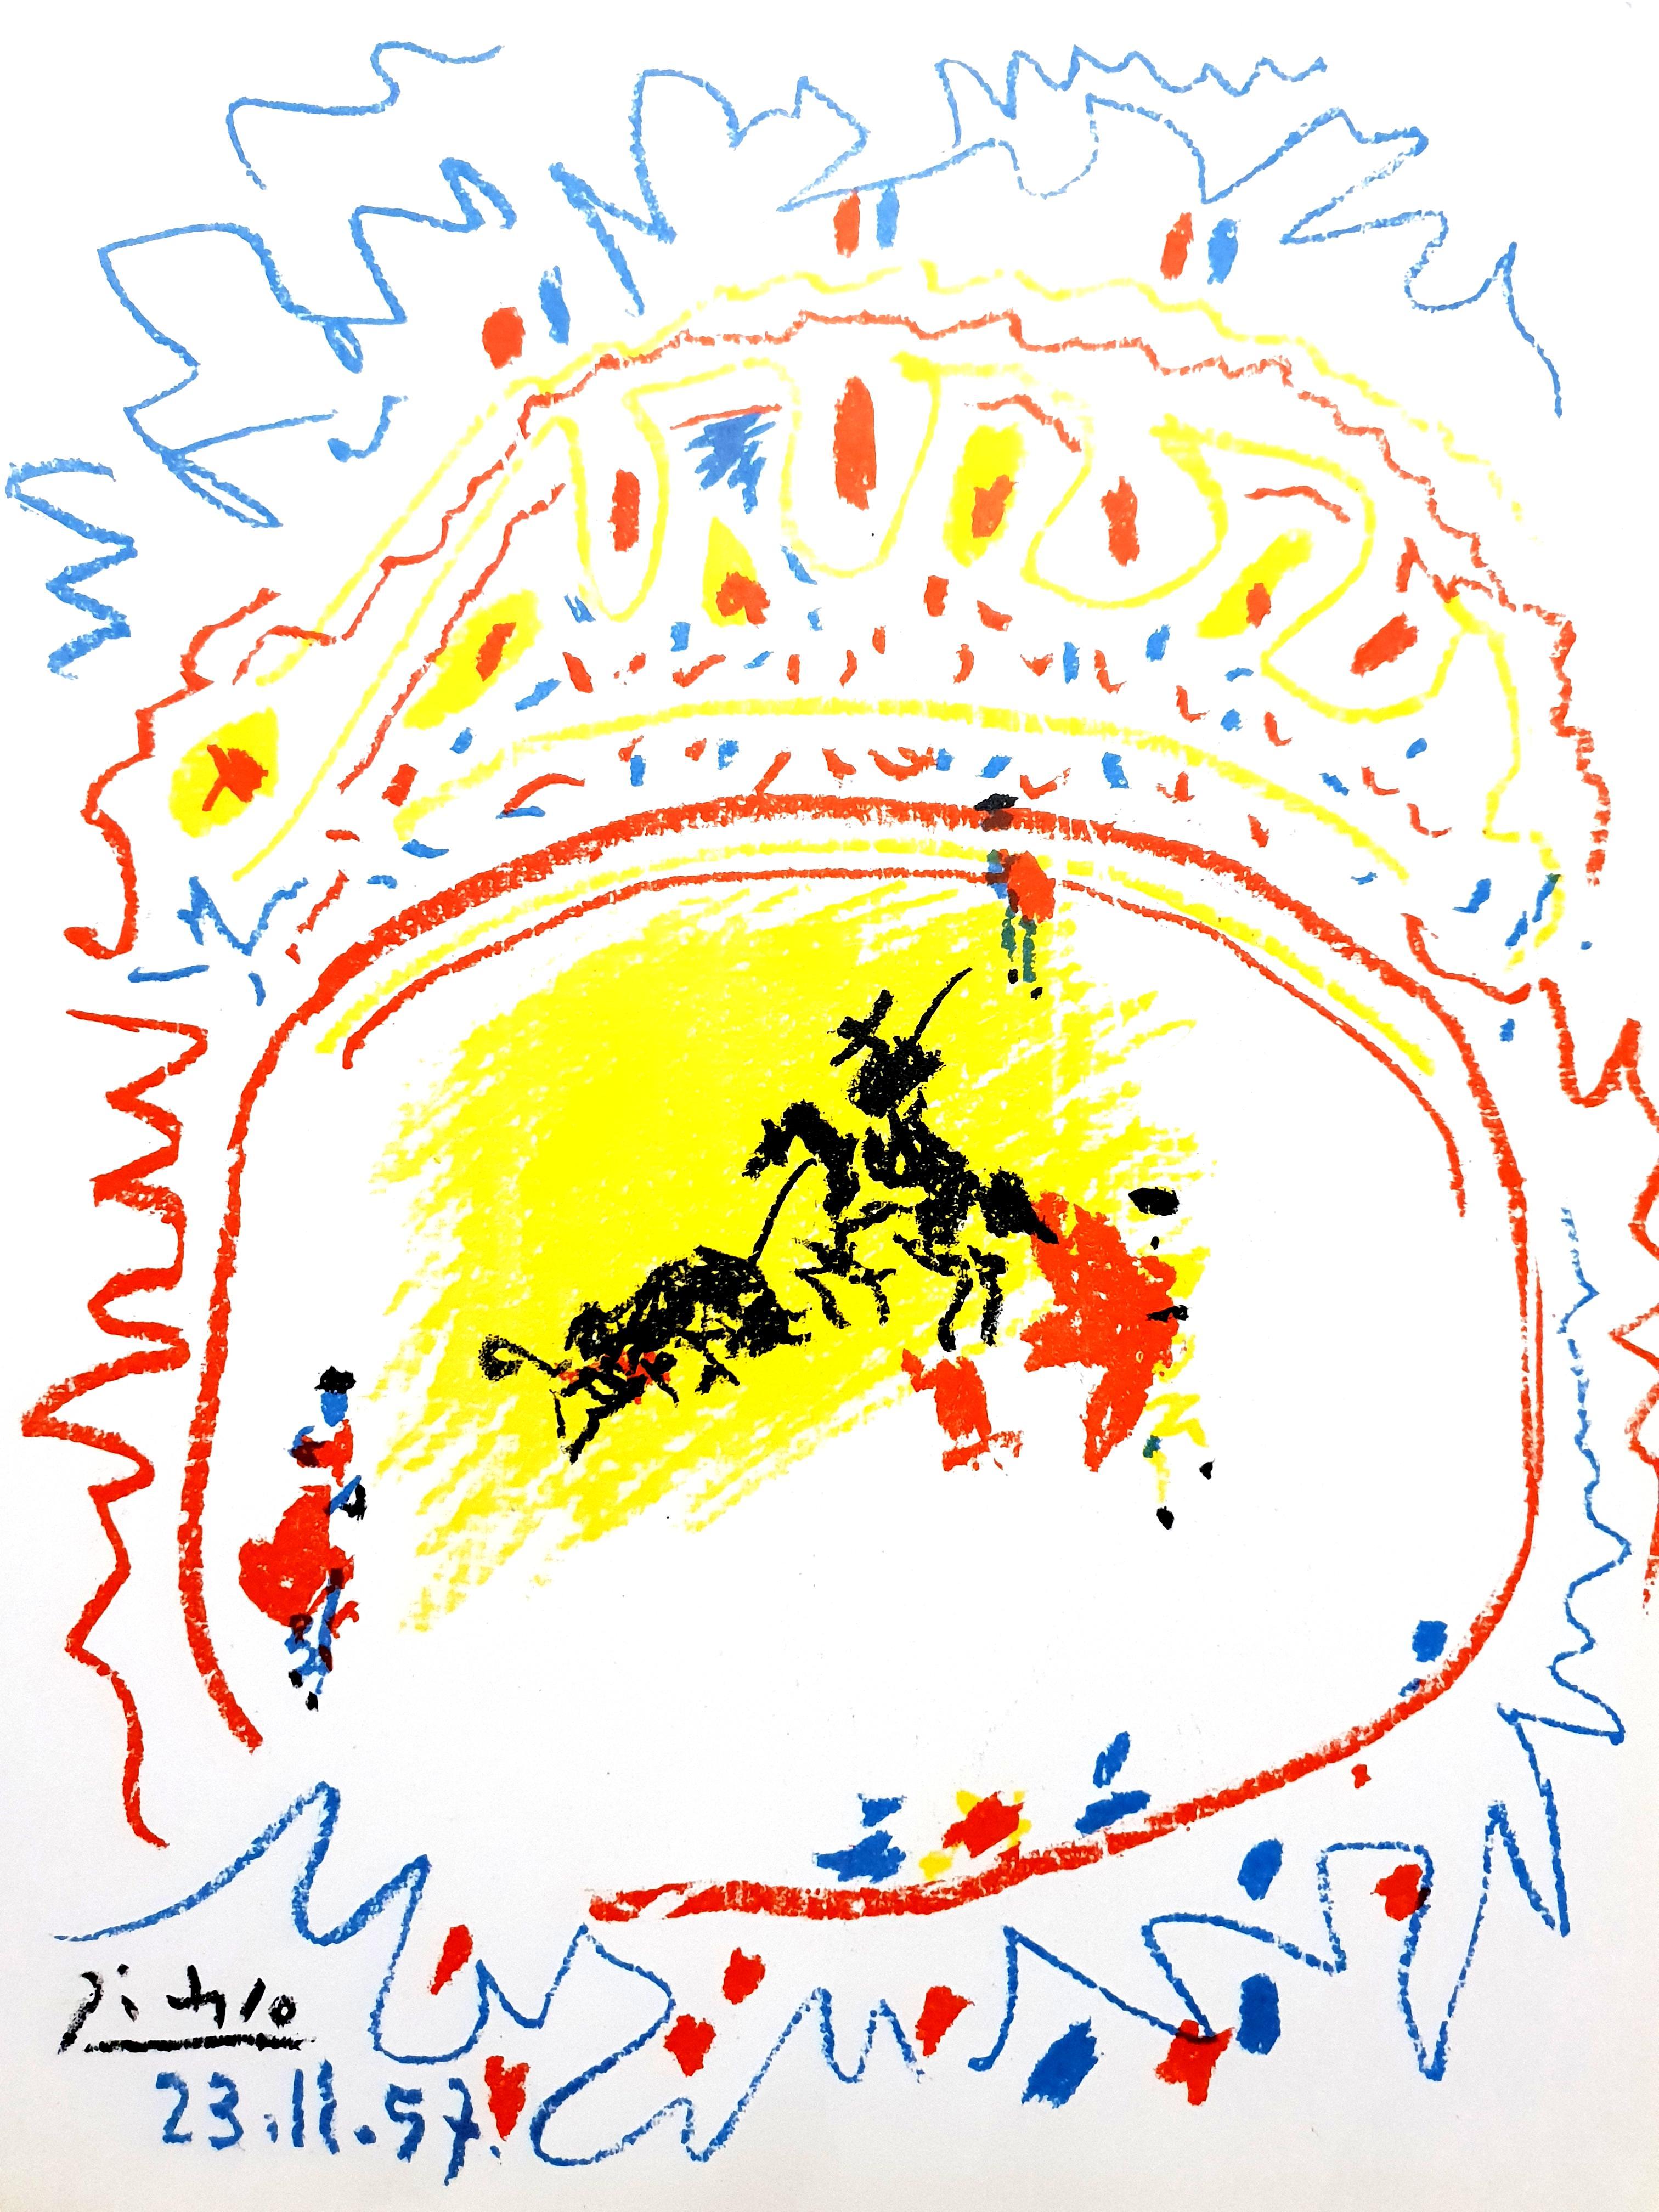 Pablo Picasso - La Petite Corrida - Original Lithograph